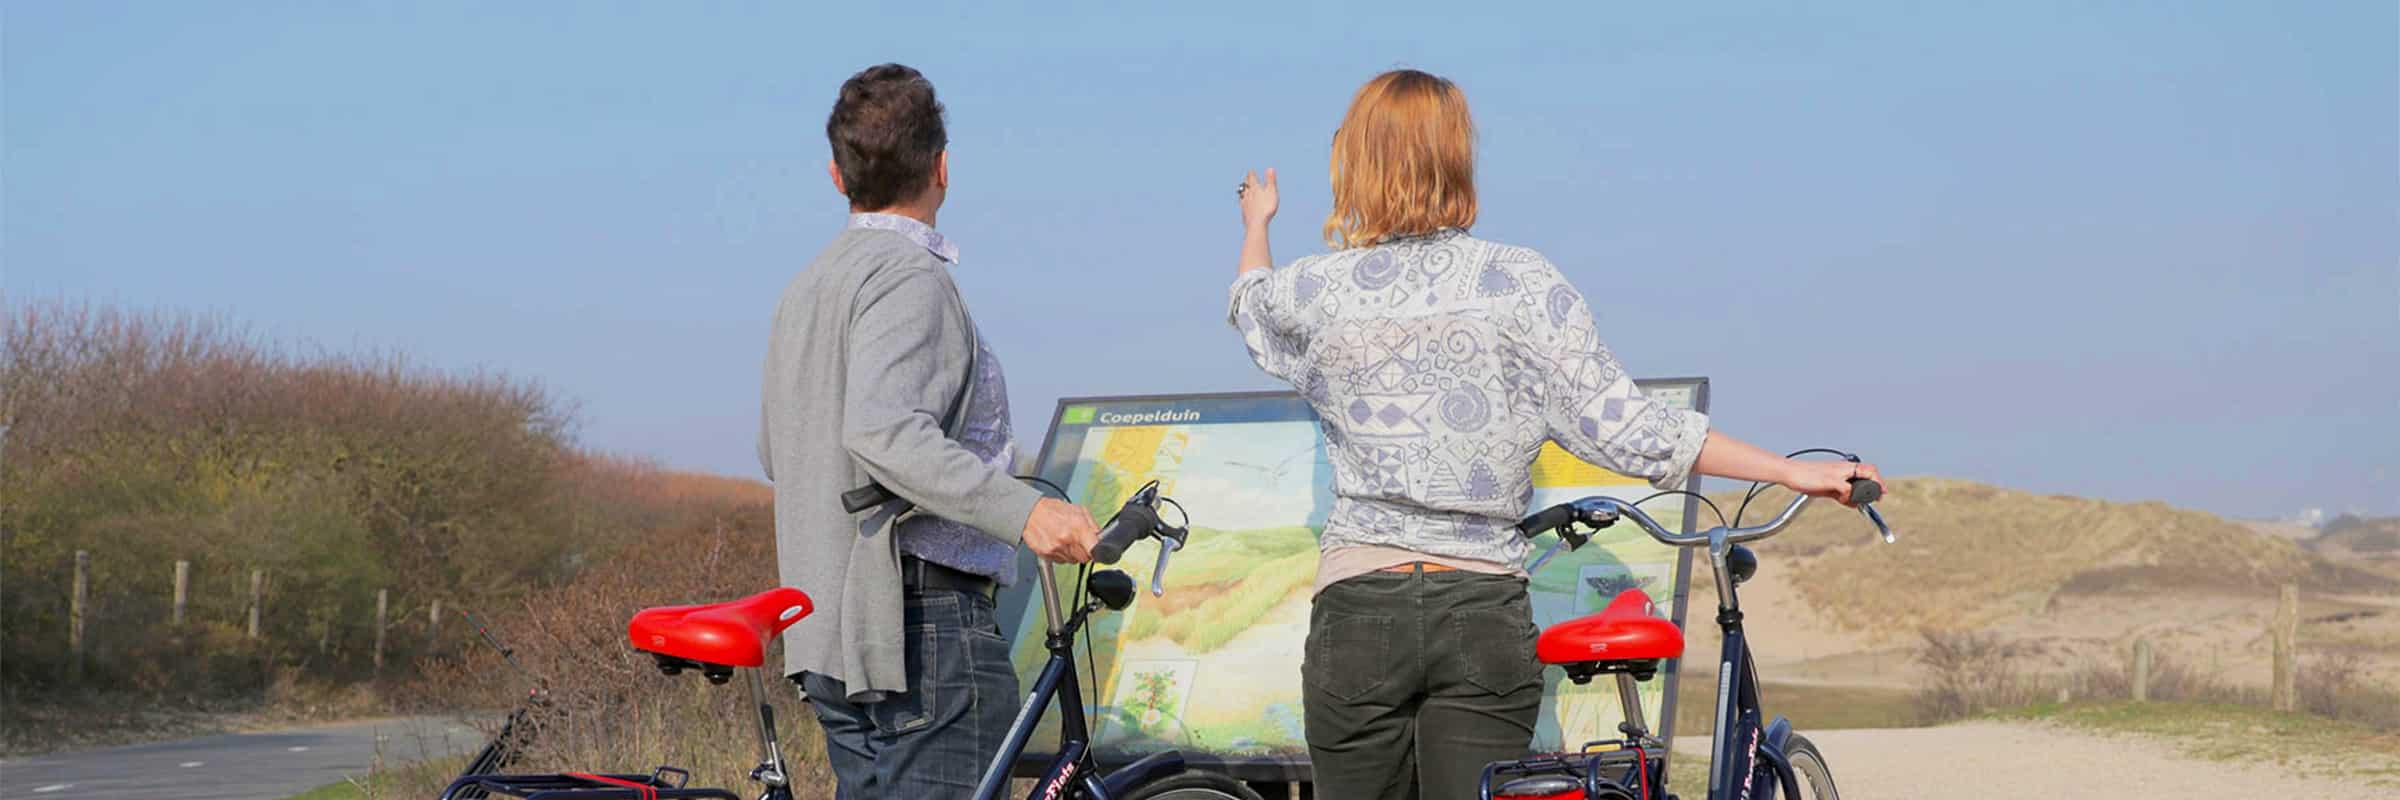 Leuke fietstocht door de duinen en naar het strand bij fietsverhuur EasyFiets in Leiden.